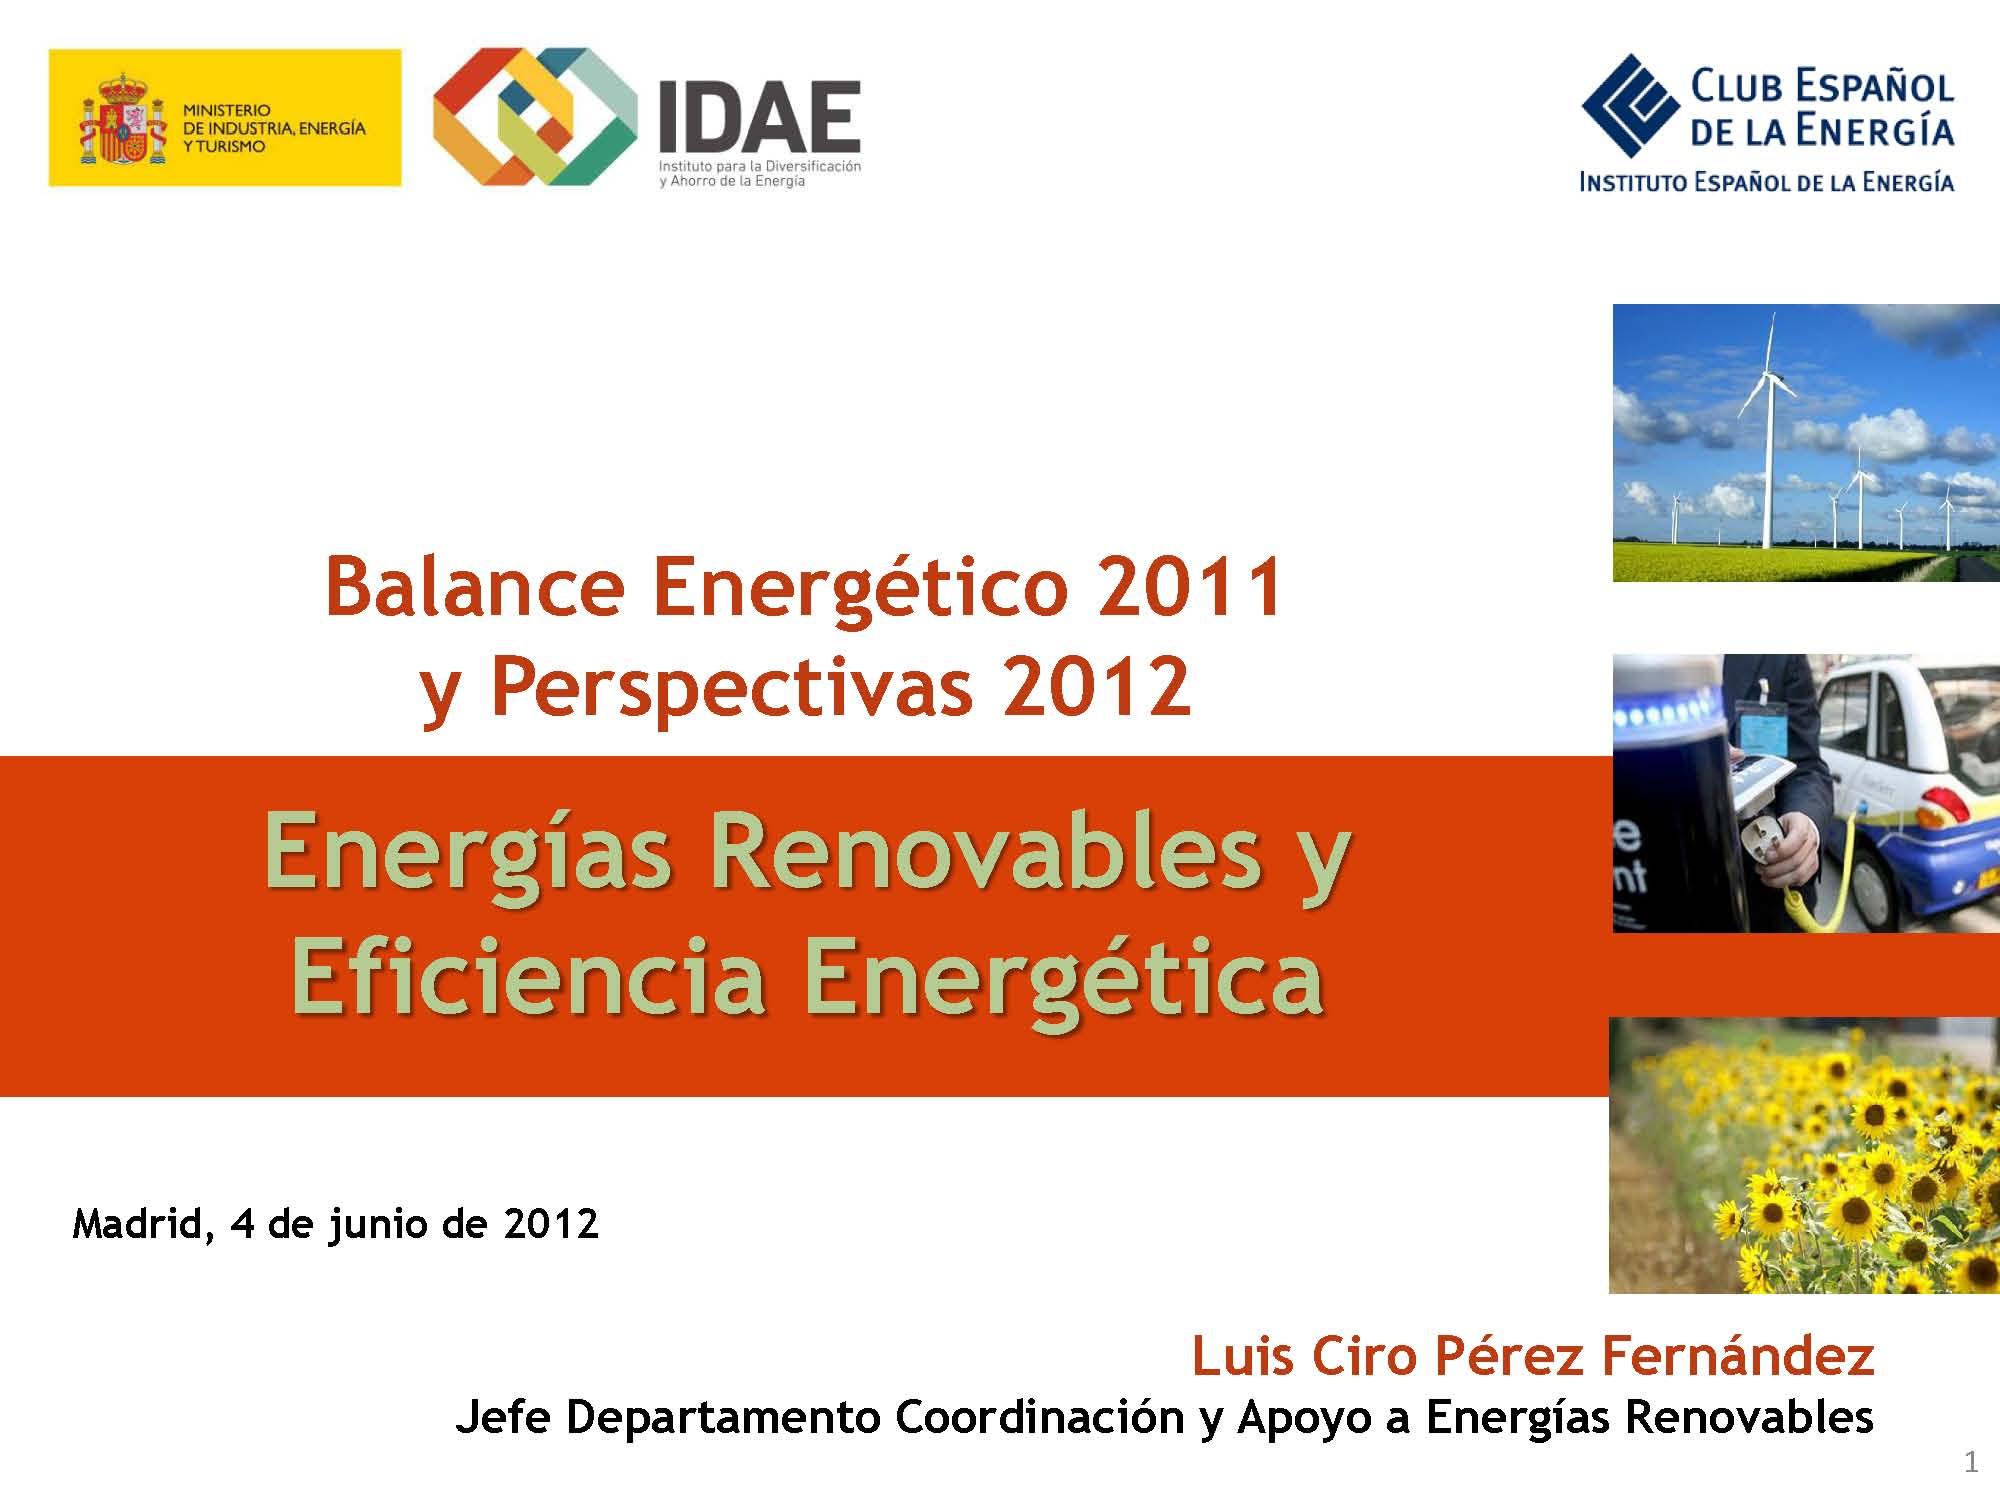 /proyectos/Balance_energ-2011-2012_idae.pdf